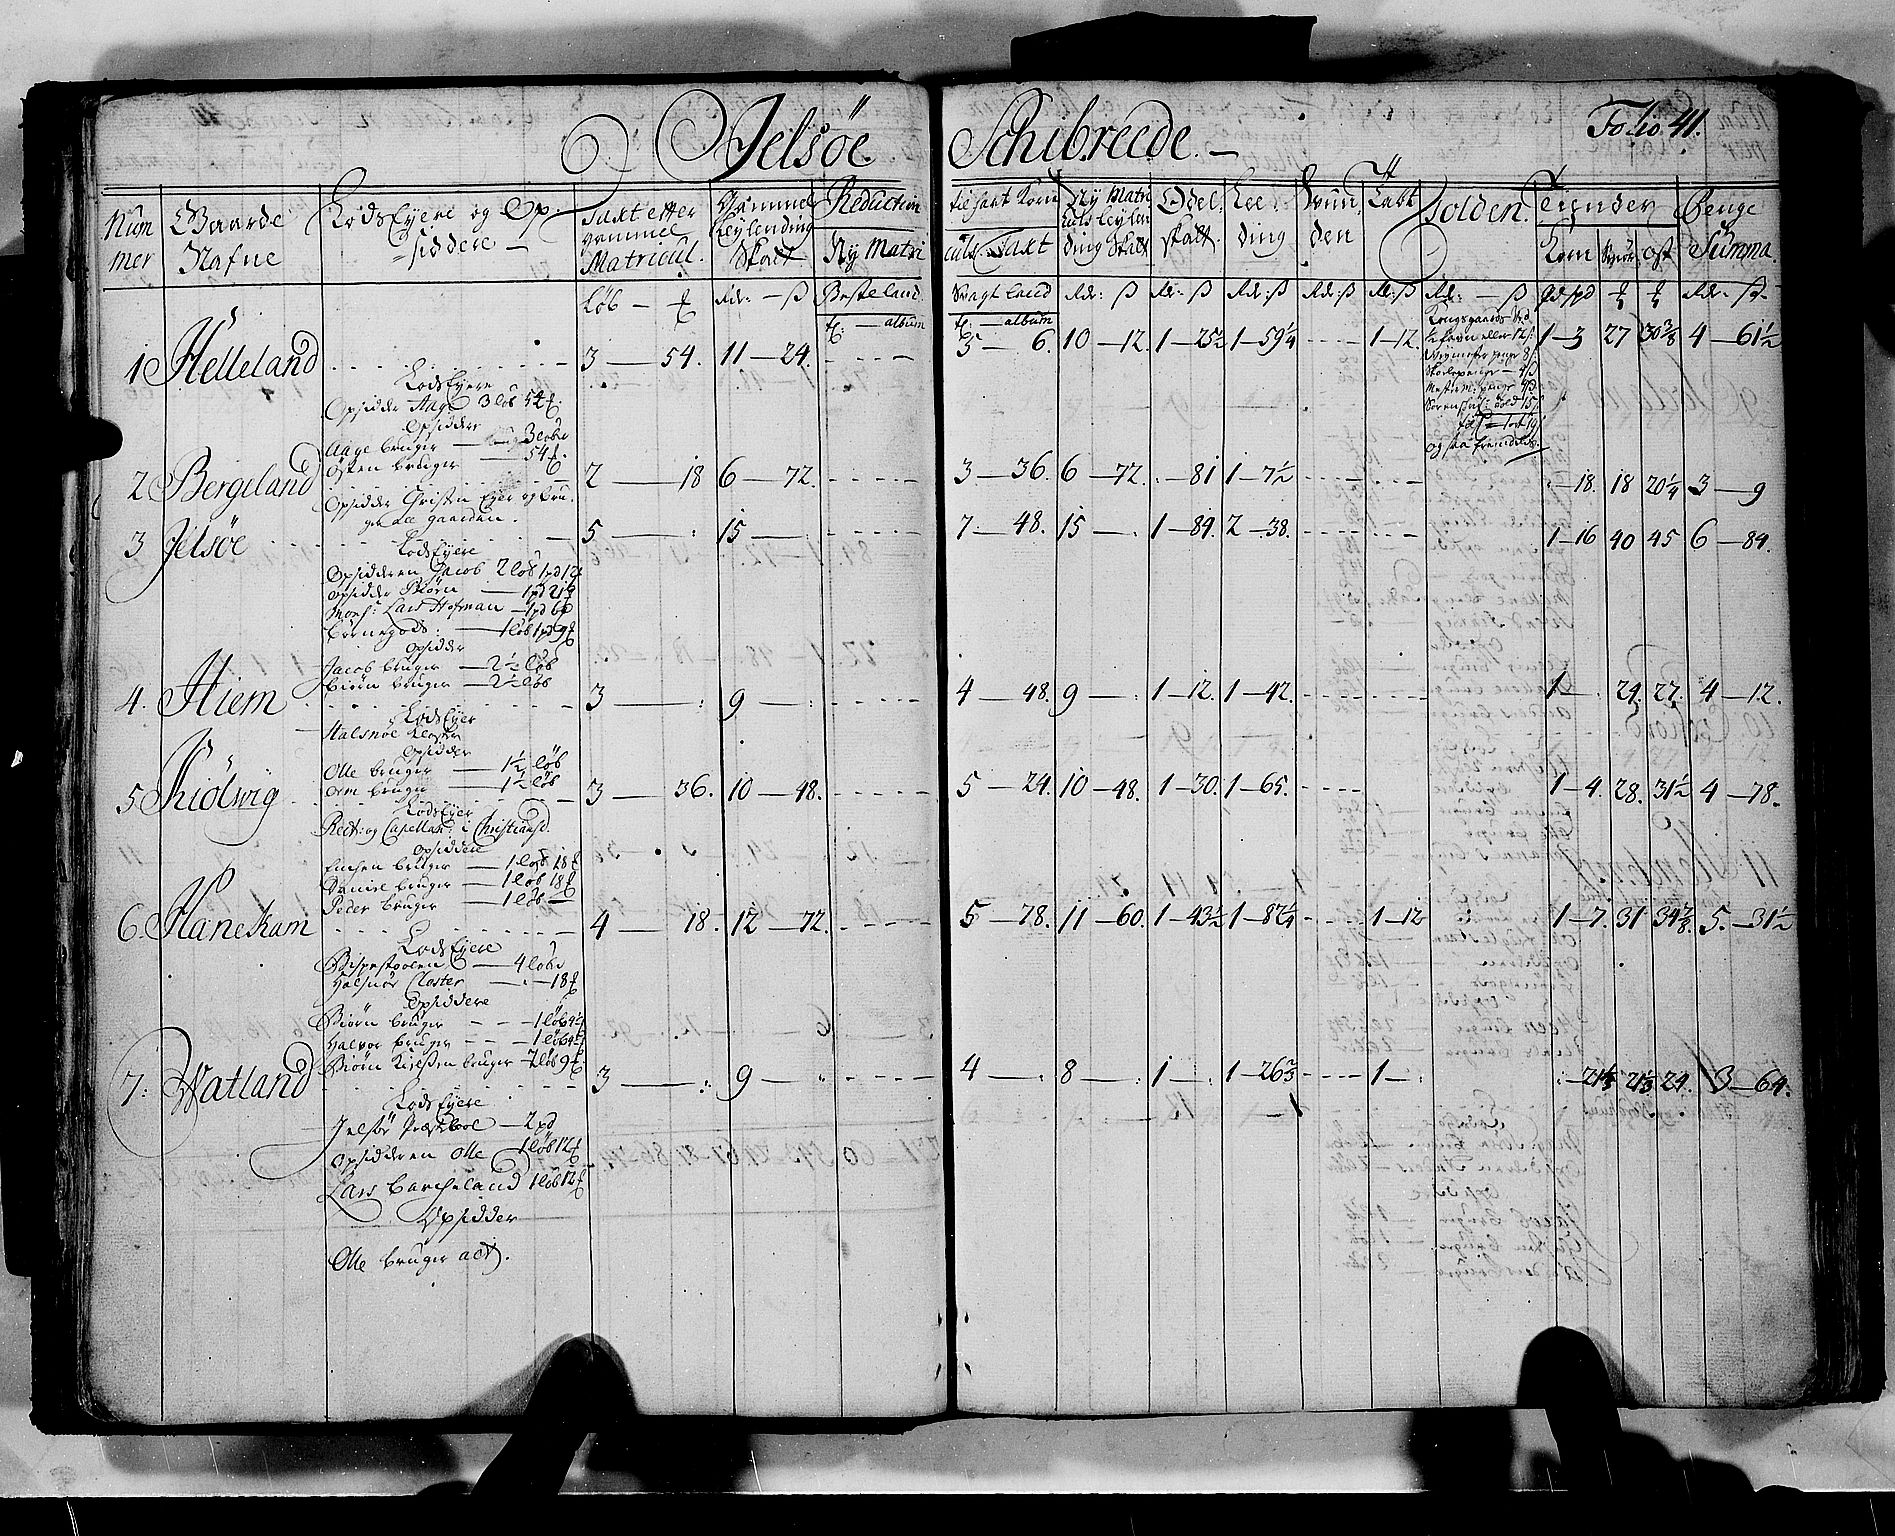 RA, Rentekammeret inntil 1814, Realistisk ordnet avdeling, N/Nb/Nbf/L0133b: Ryfylke matrikkelprotokoll, 1723, s. 40b-41a